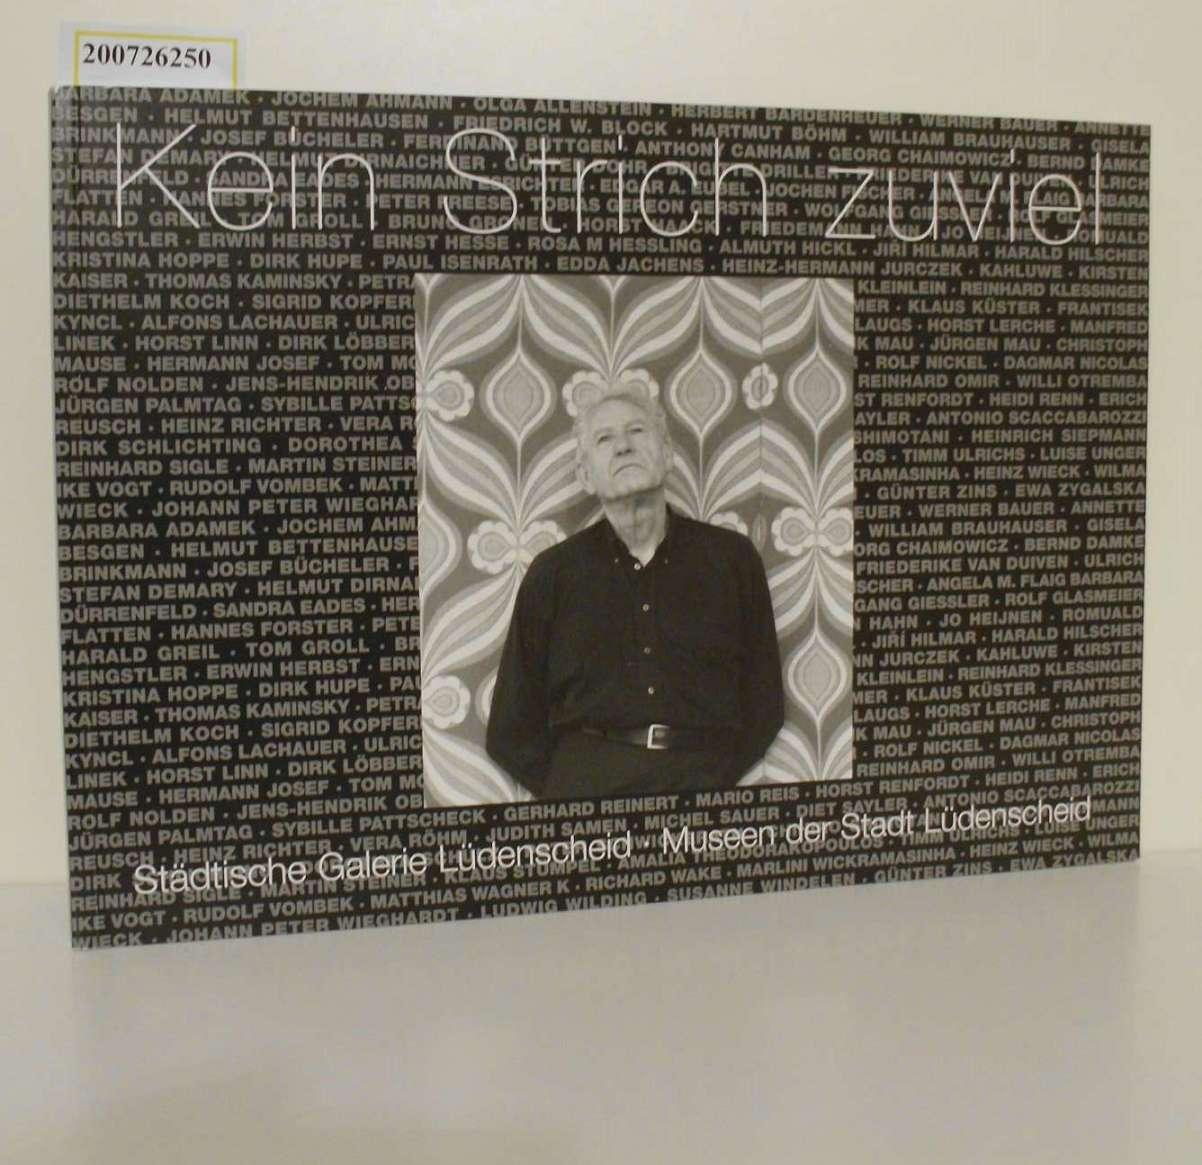 Kein Strich zuviel : 13. Oktober - 10. November 2002, Museen der Stadt Lüdenscheid und Städtische Galerie Lüdenscheid